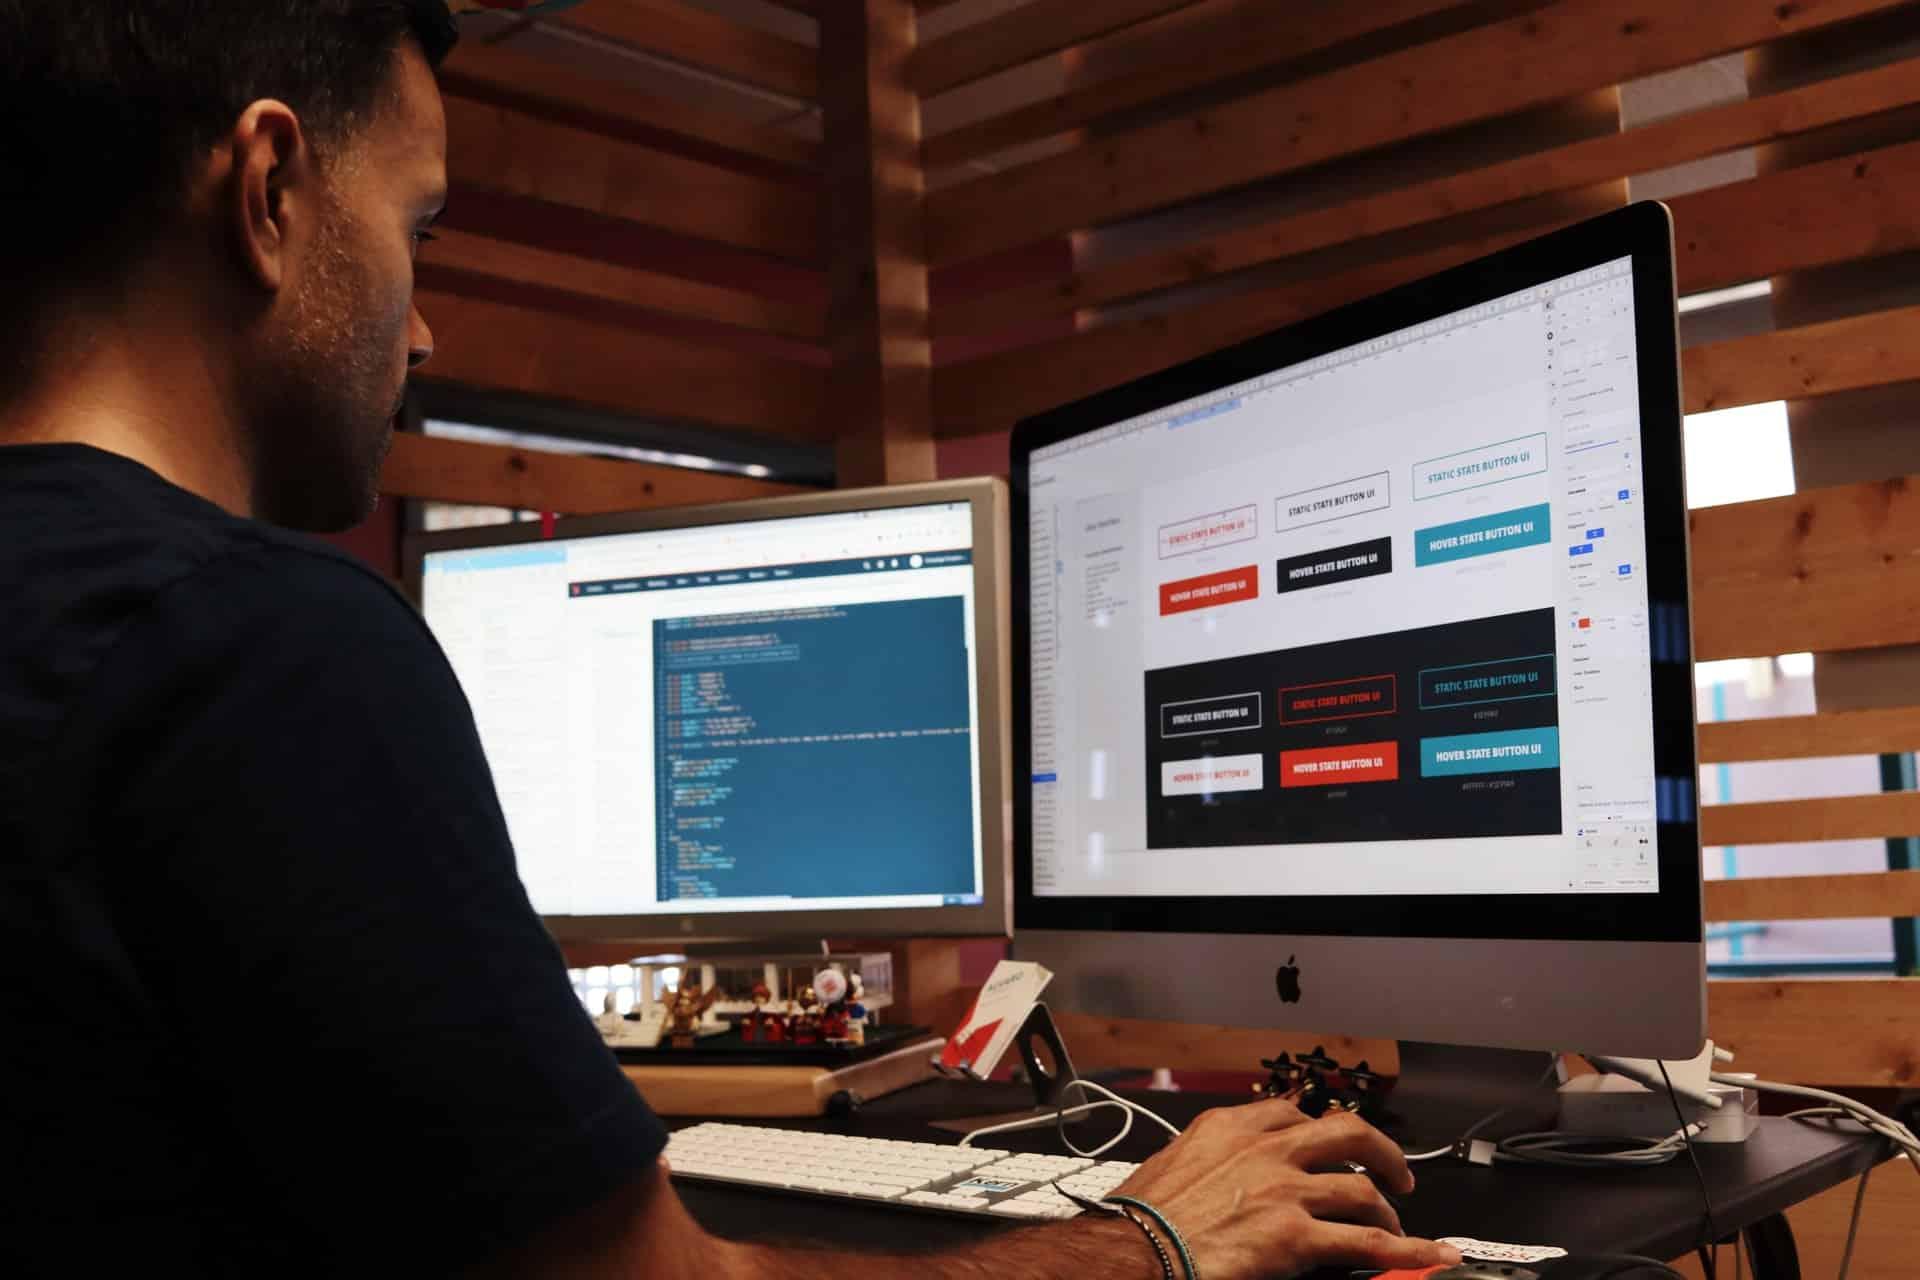 6 Skills Web Design Firm Header Image